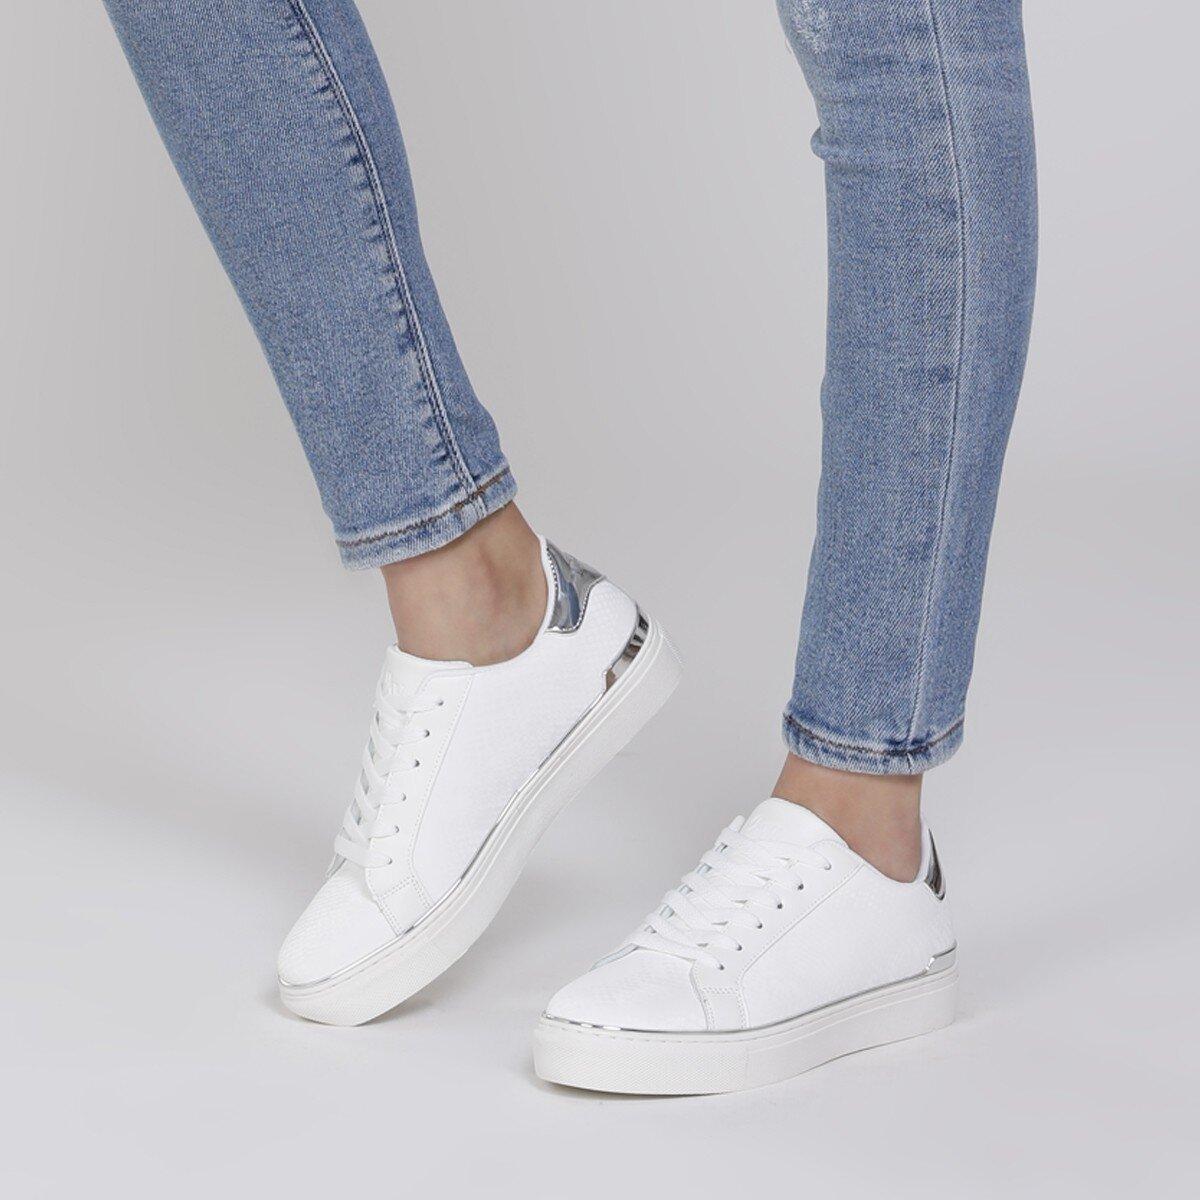 BEGANA 1FX Beyaz Kadın Spor Ayakkabı